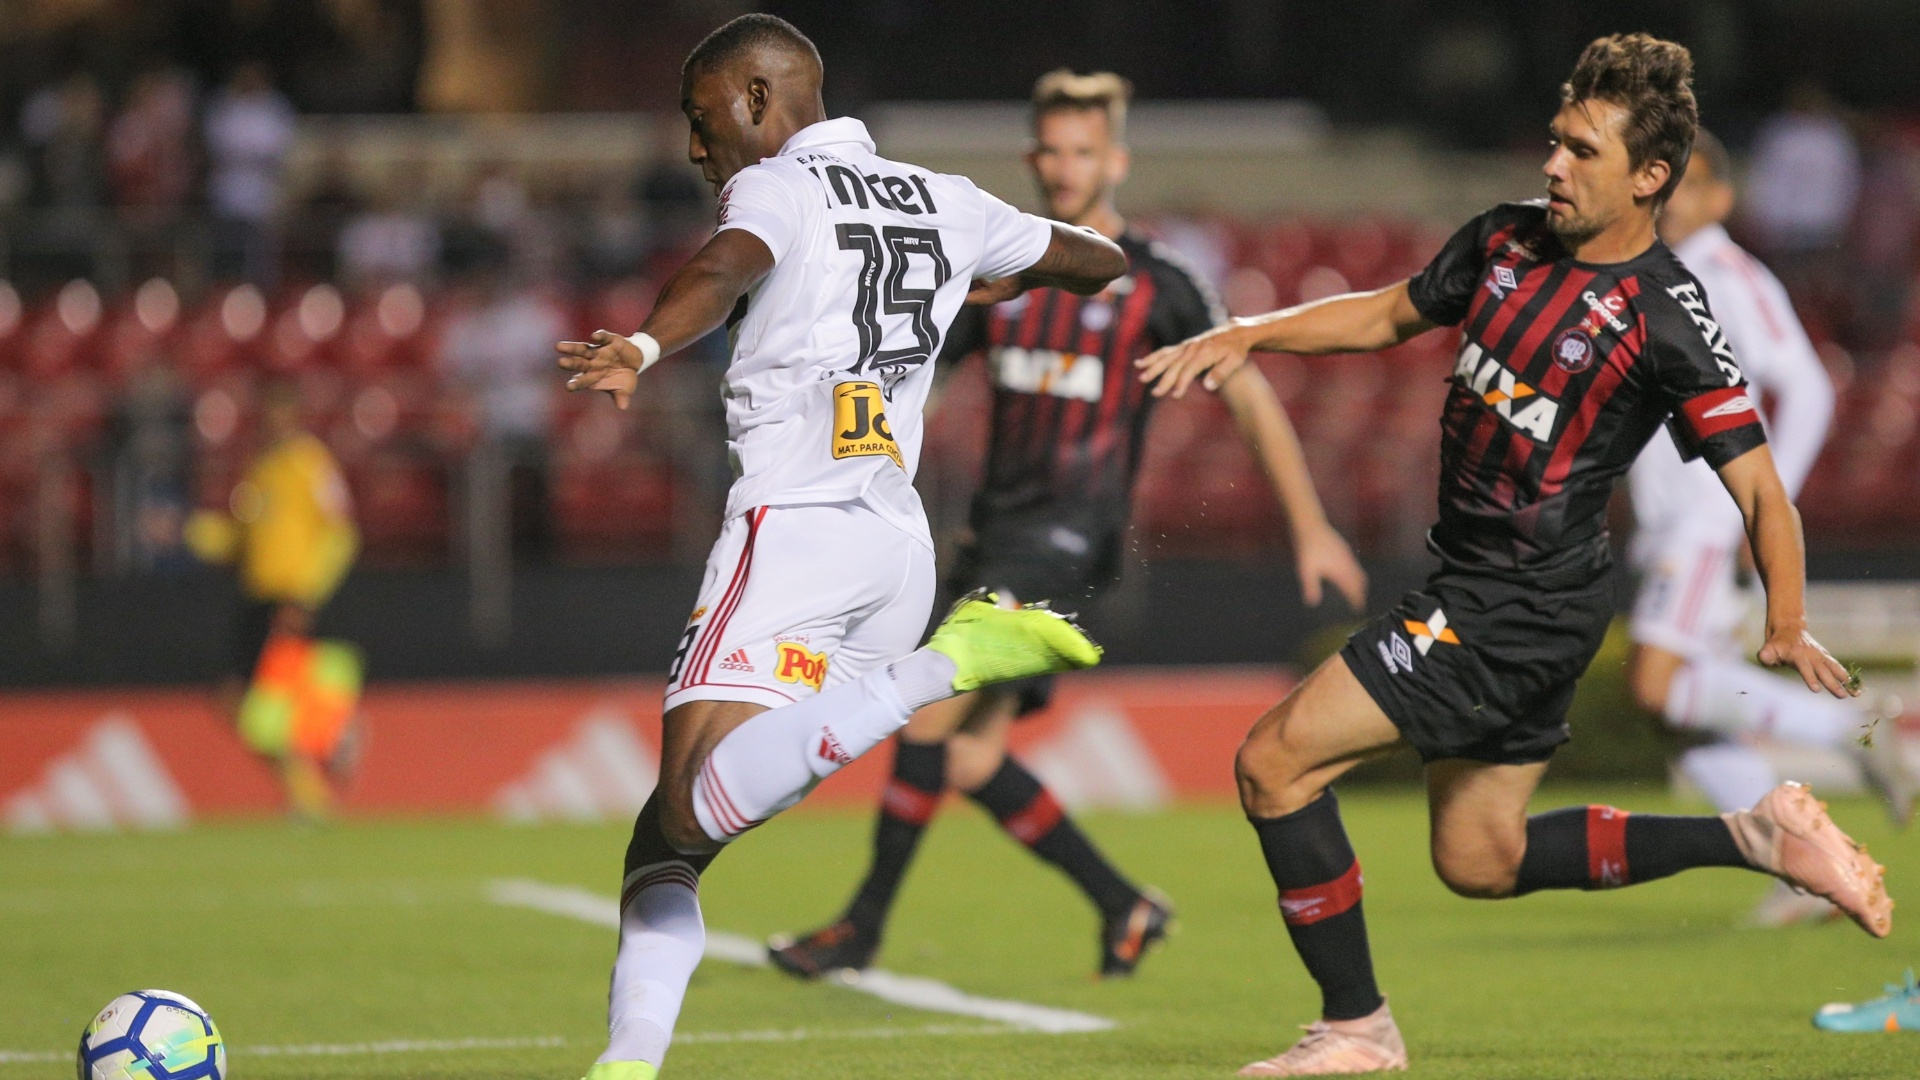 Gonzalo Carneiro passa pela marcação de Paulo André no jogo entre São Paulo e Atlético-PR